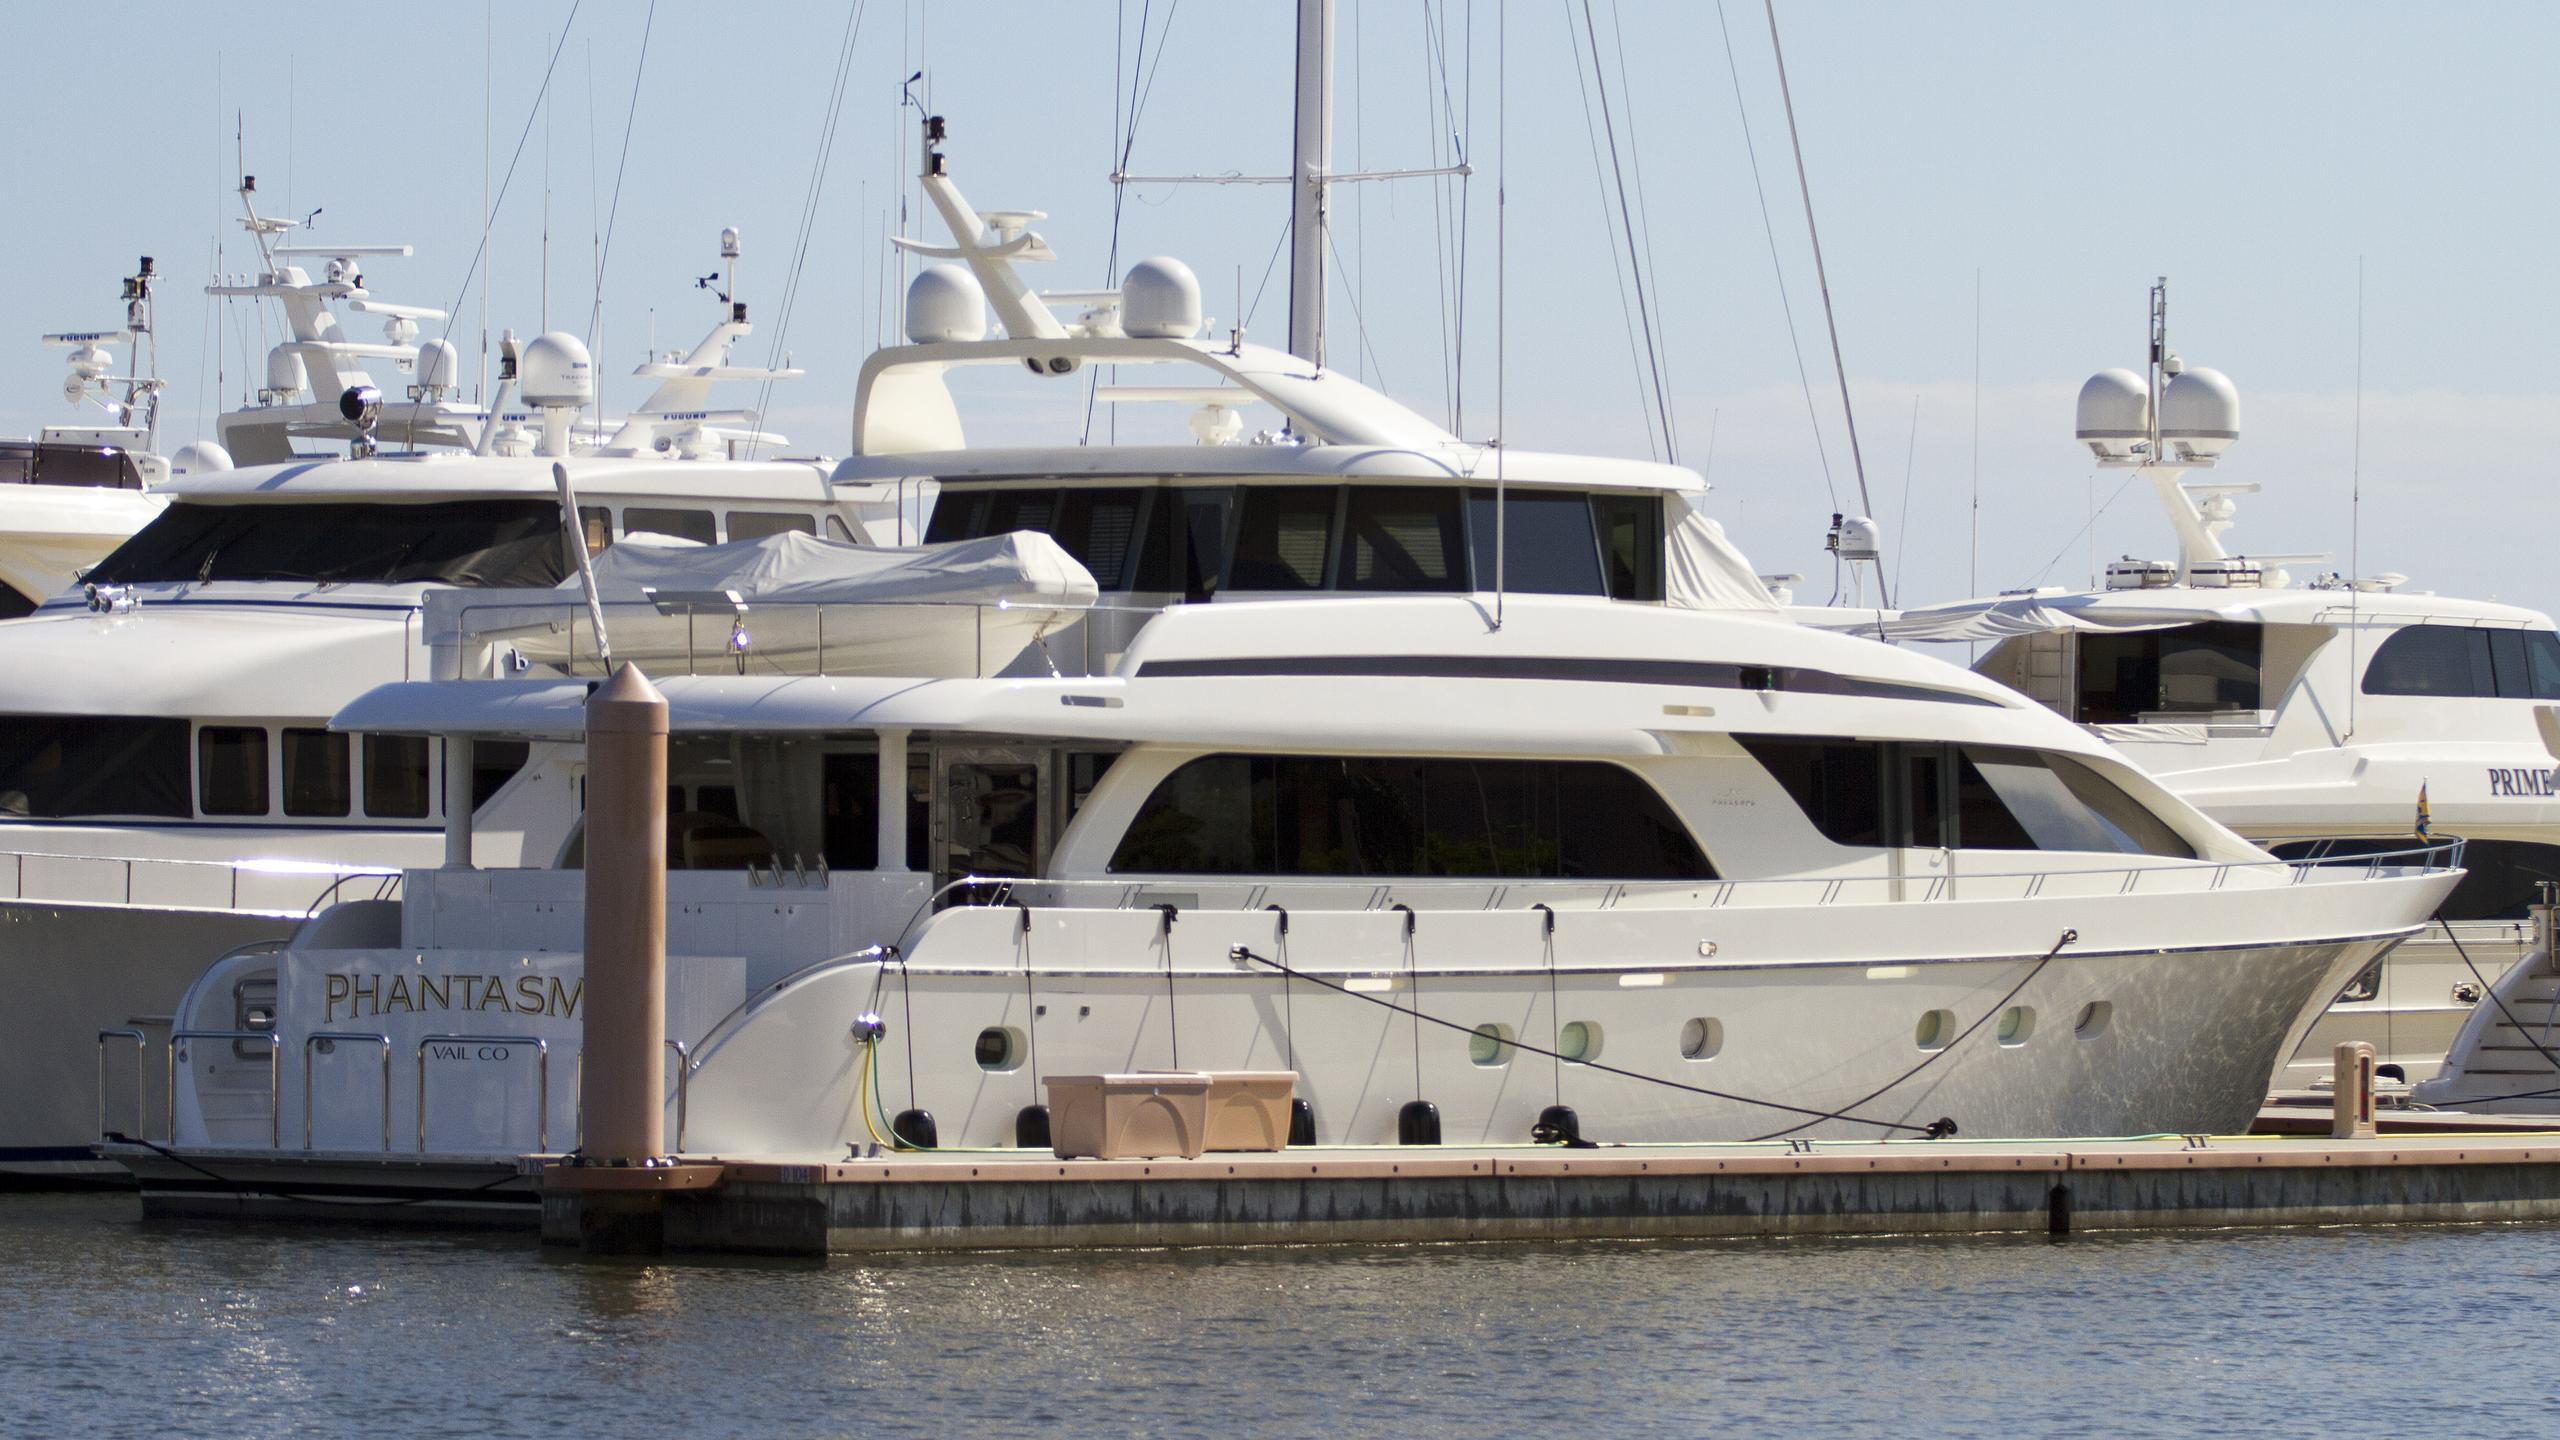 nordlund-phantasma-2003-motor-yacht